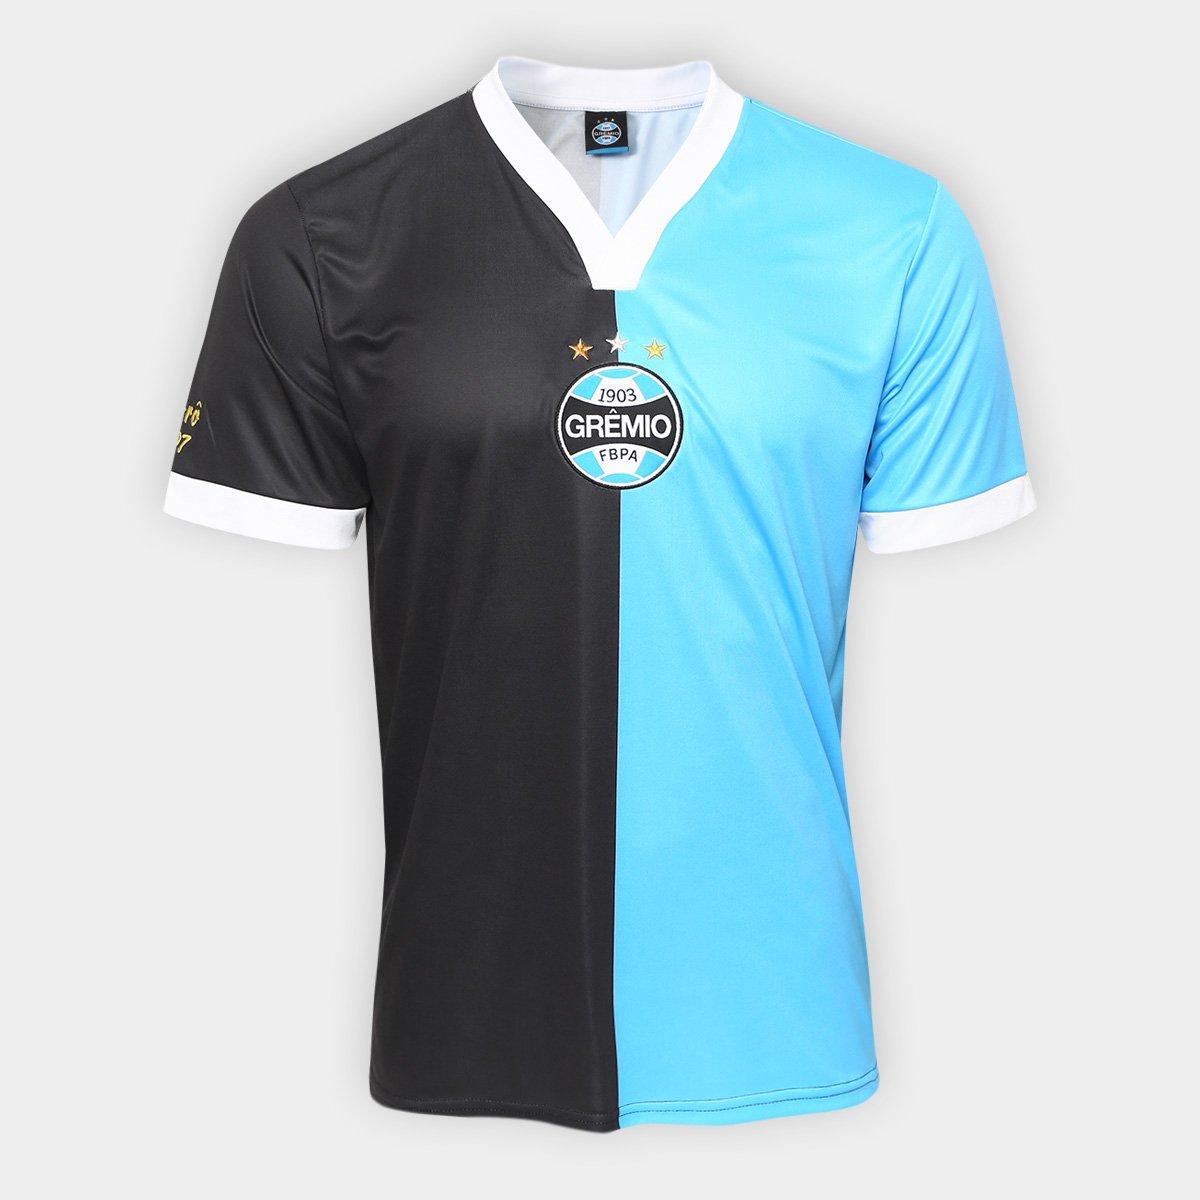 8d515e6a09 Camisa Grêmio Réplica 2007 Masculina - Preto e Azul - Compre Agora ...